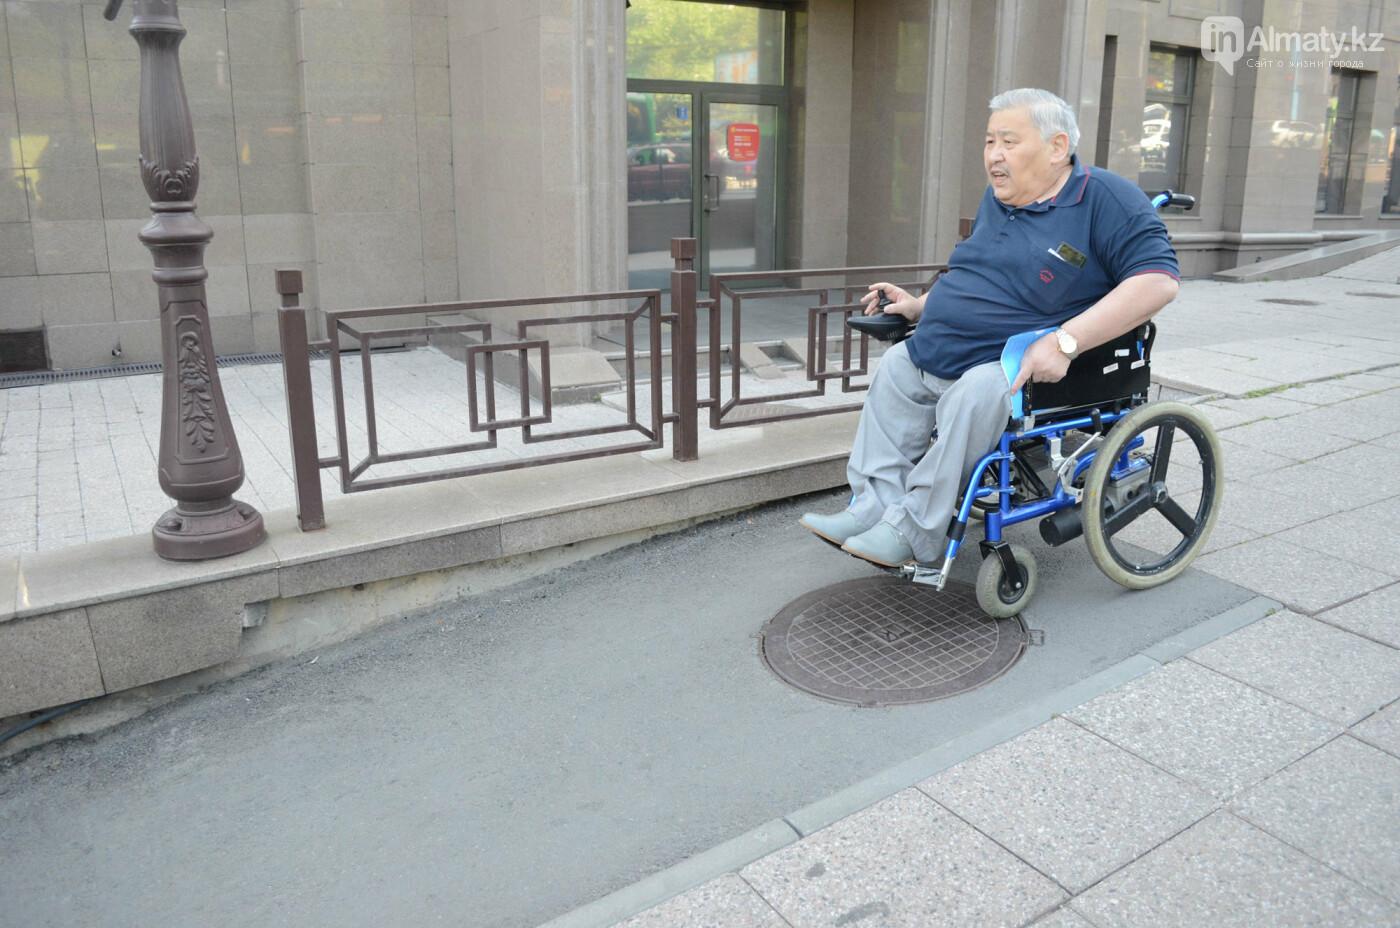 Недоступная среда: Почему реконструированная пешеходная зона по Назарбаева неудобна для инвалидов, фото-1